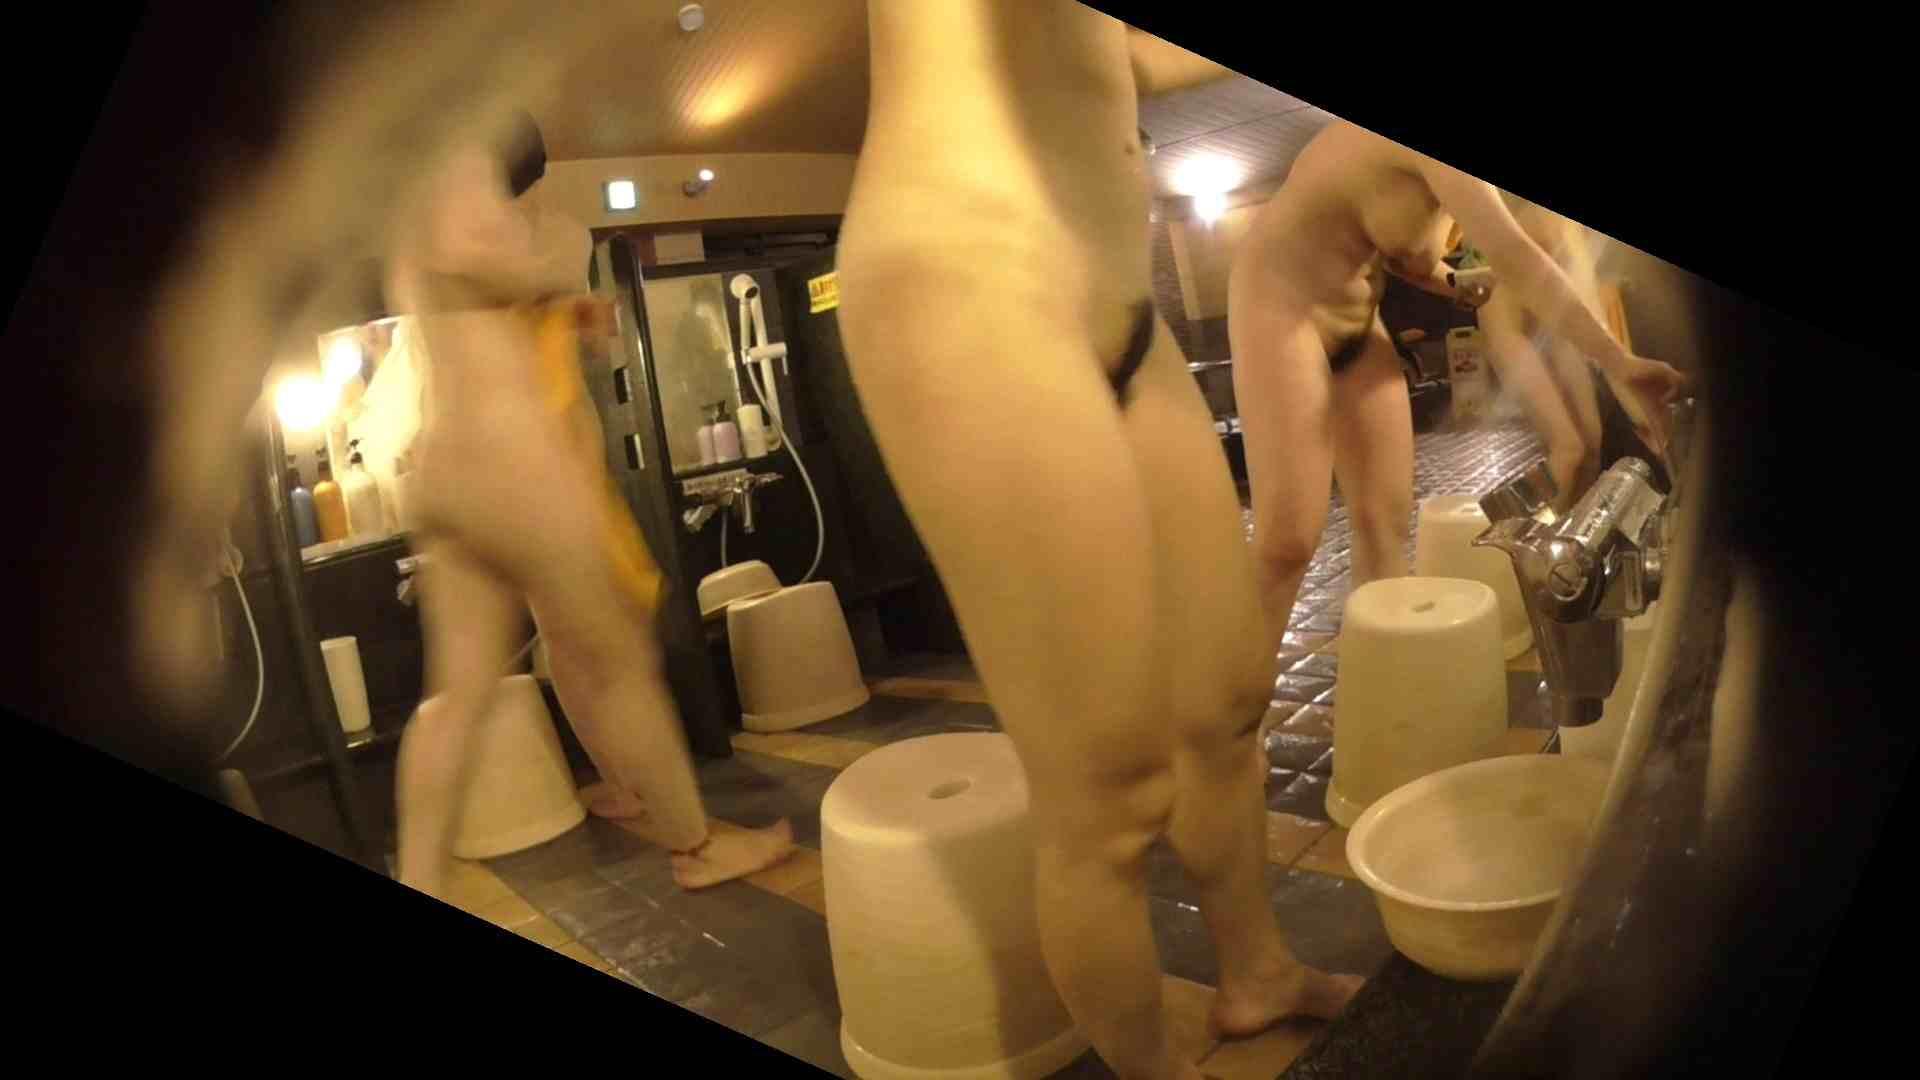 お風呂HEROの助手 vol.04 美乳 AV無料動画キャプチャ 88画像 28